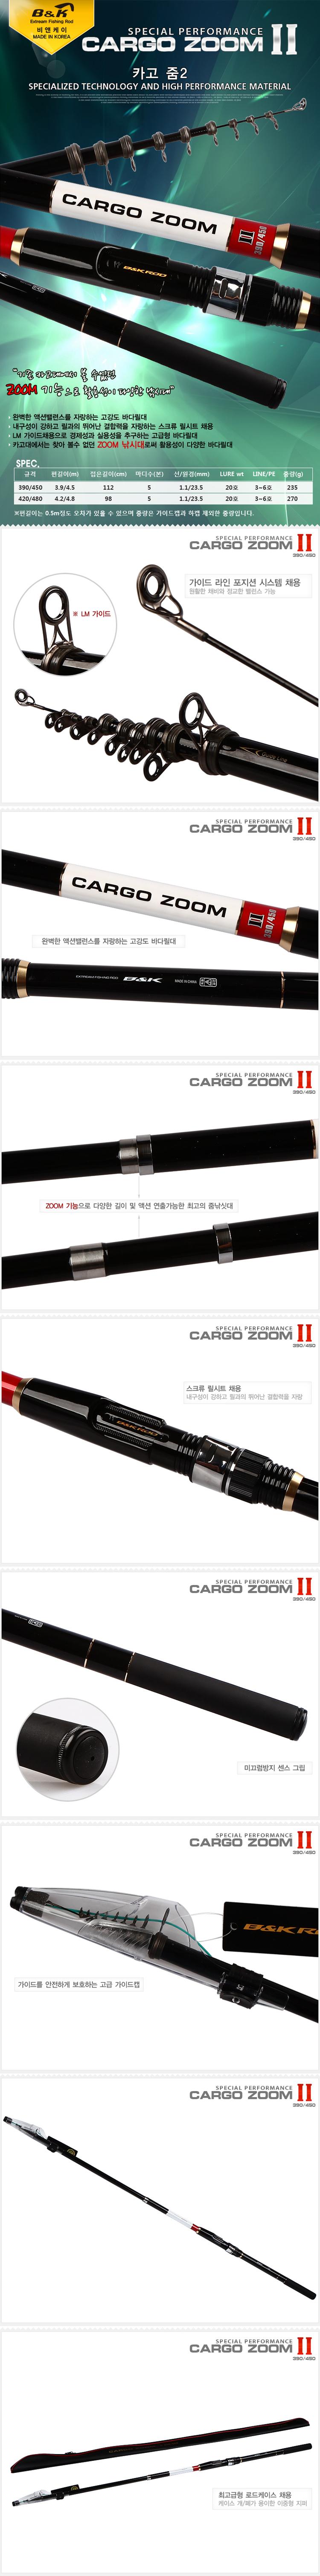 [비앤케이] 카고 ZOOM 2 카고낚시대 비앤케이 비앤캐이 B&K 카고낚시 카고대 선상카고